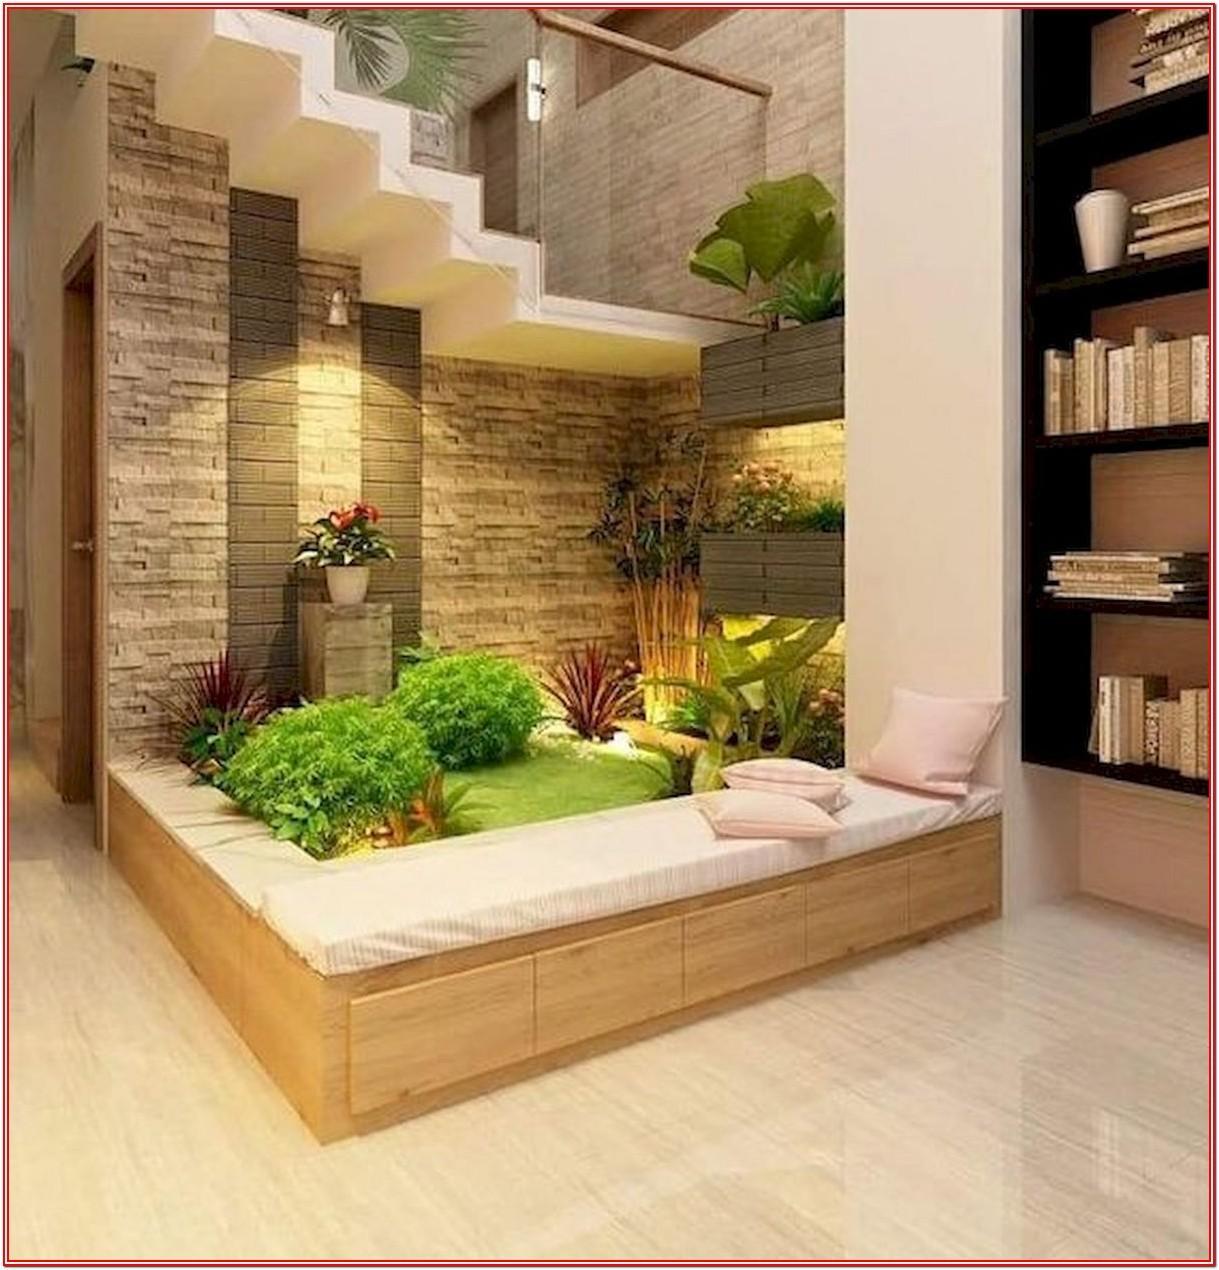 Living Room Indoor Garden Ideas